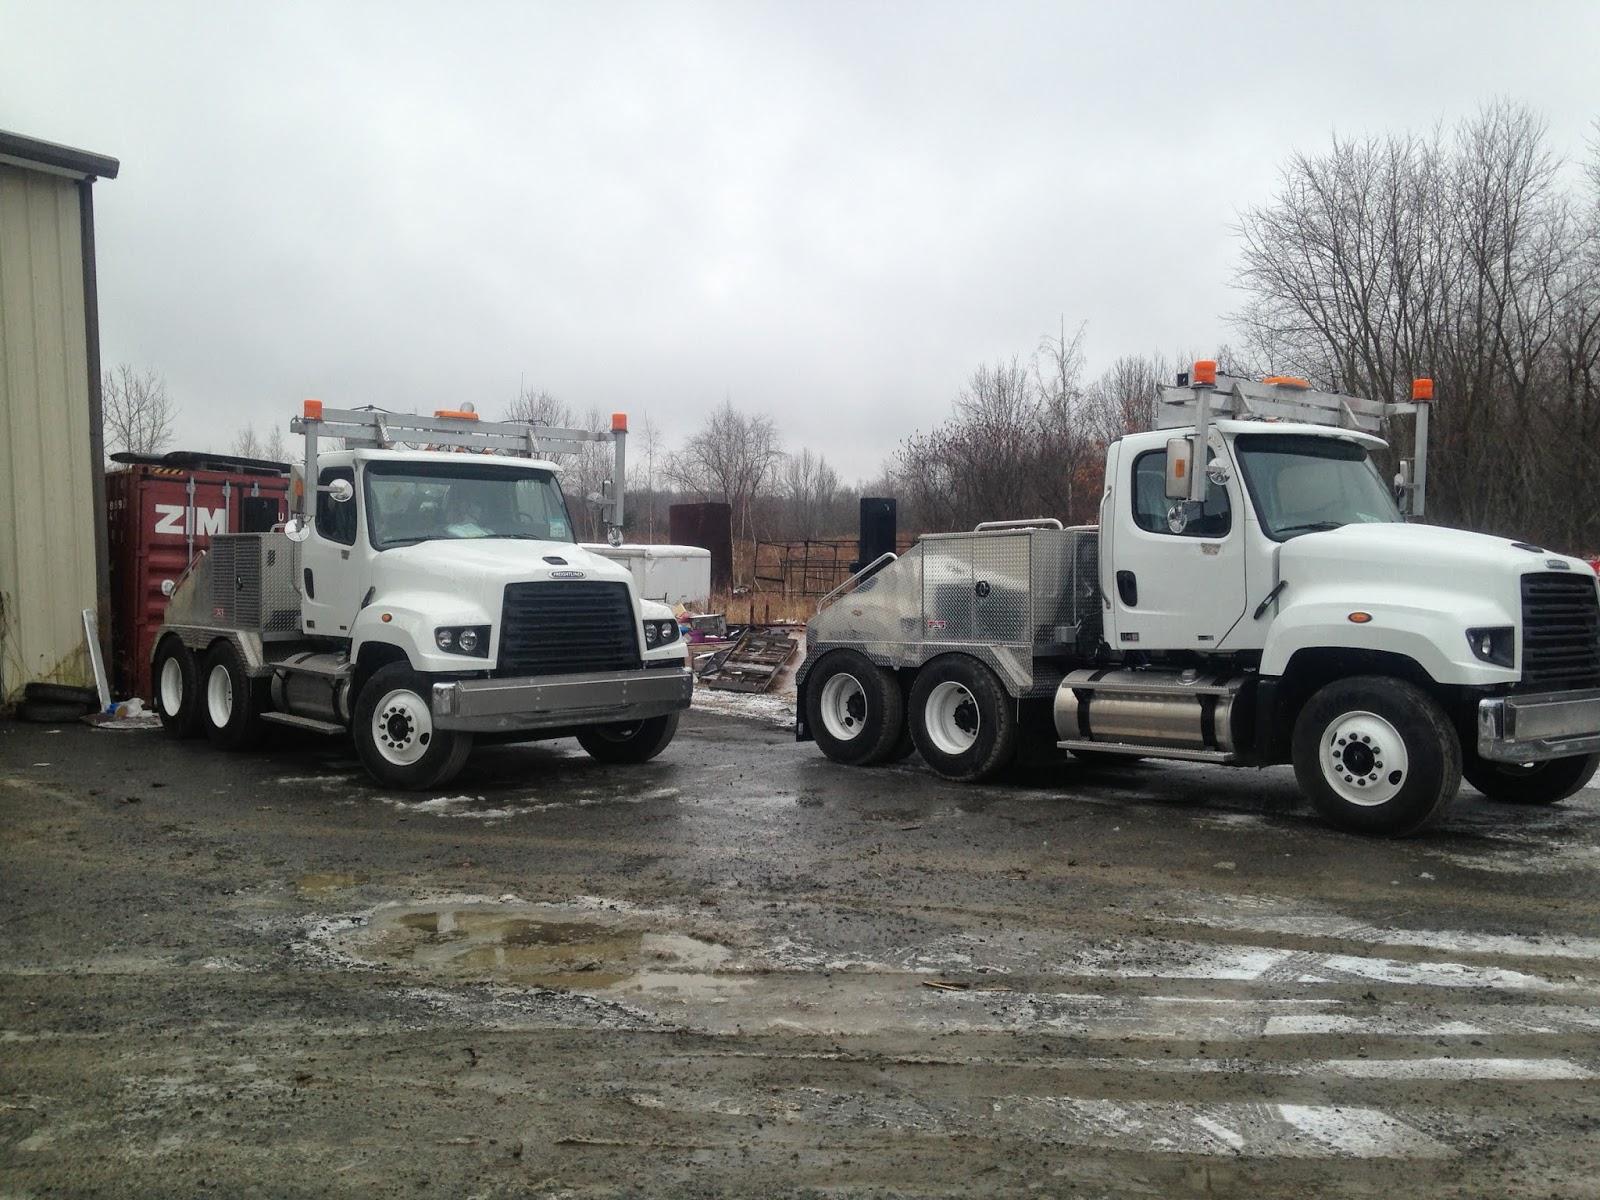 Heavy hauler modular home aluminum toter bodies on freightliner trucks